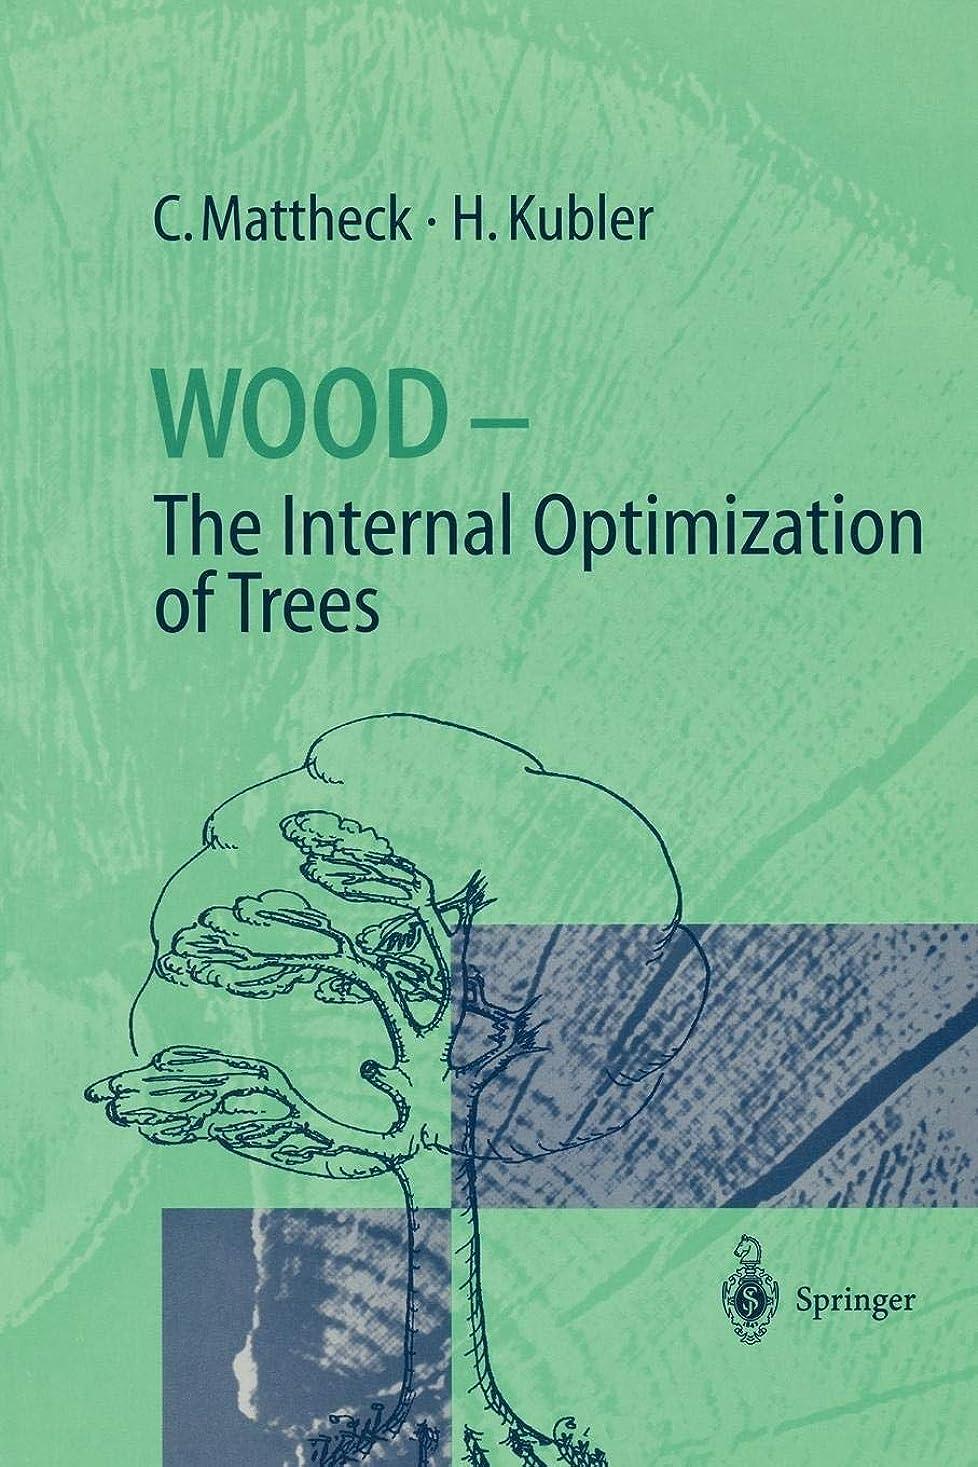 友情休戦回答Wood - The Internal Optimization of Trees (Springer Series in Wood Science)